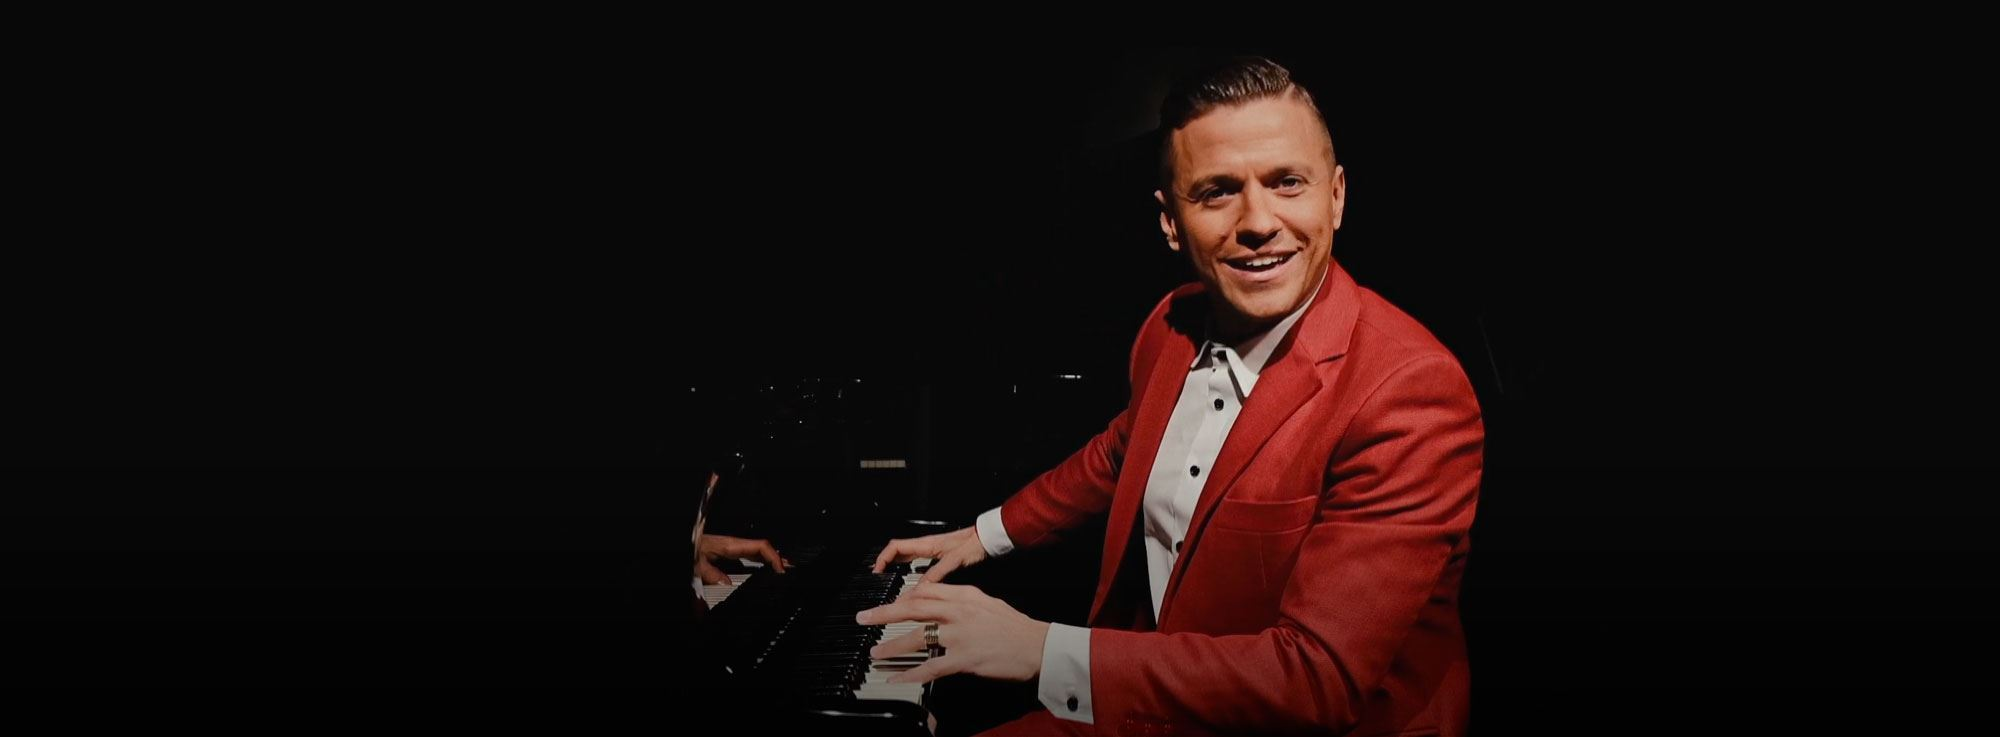 Taranto: Piano Man